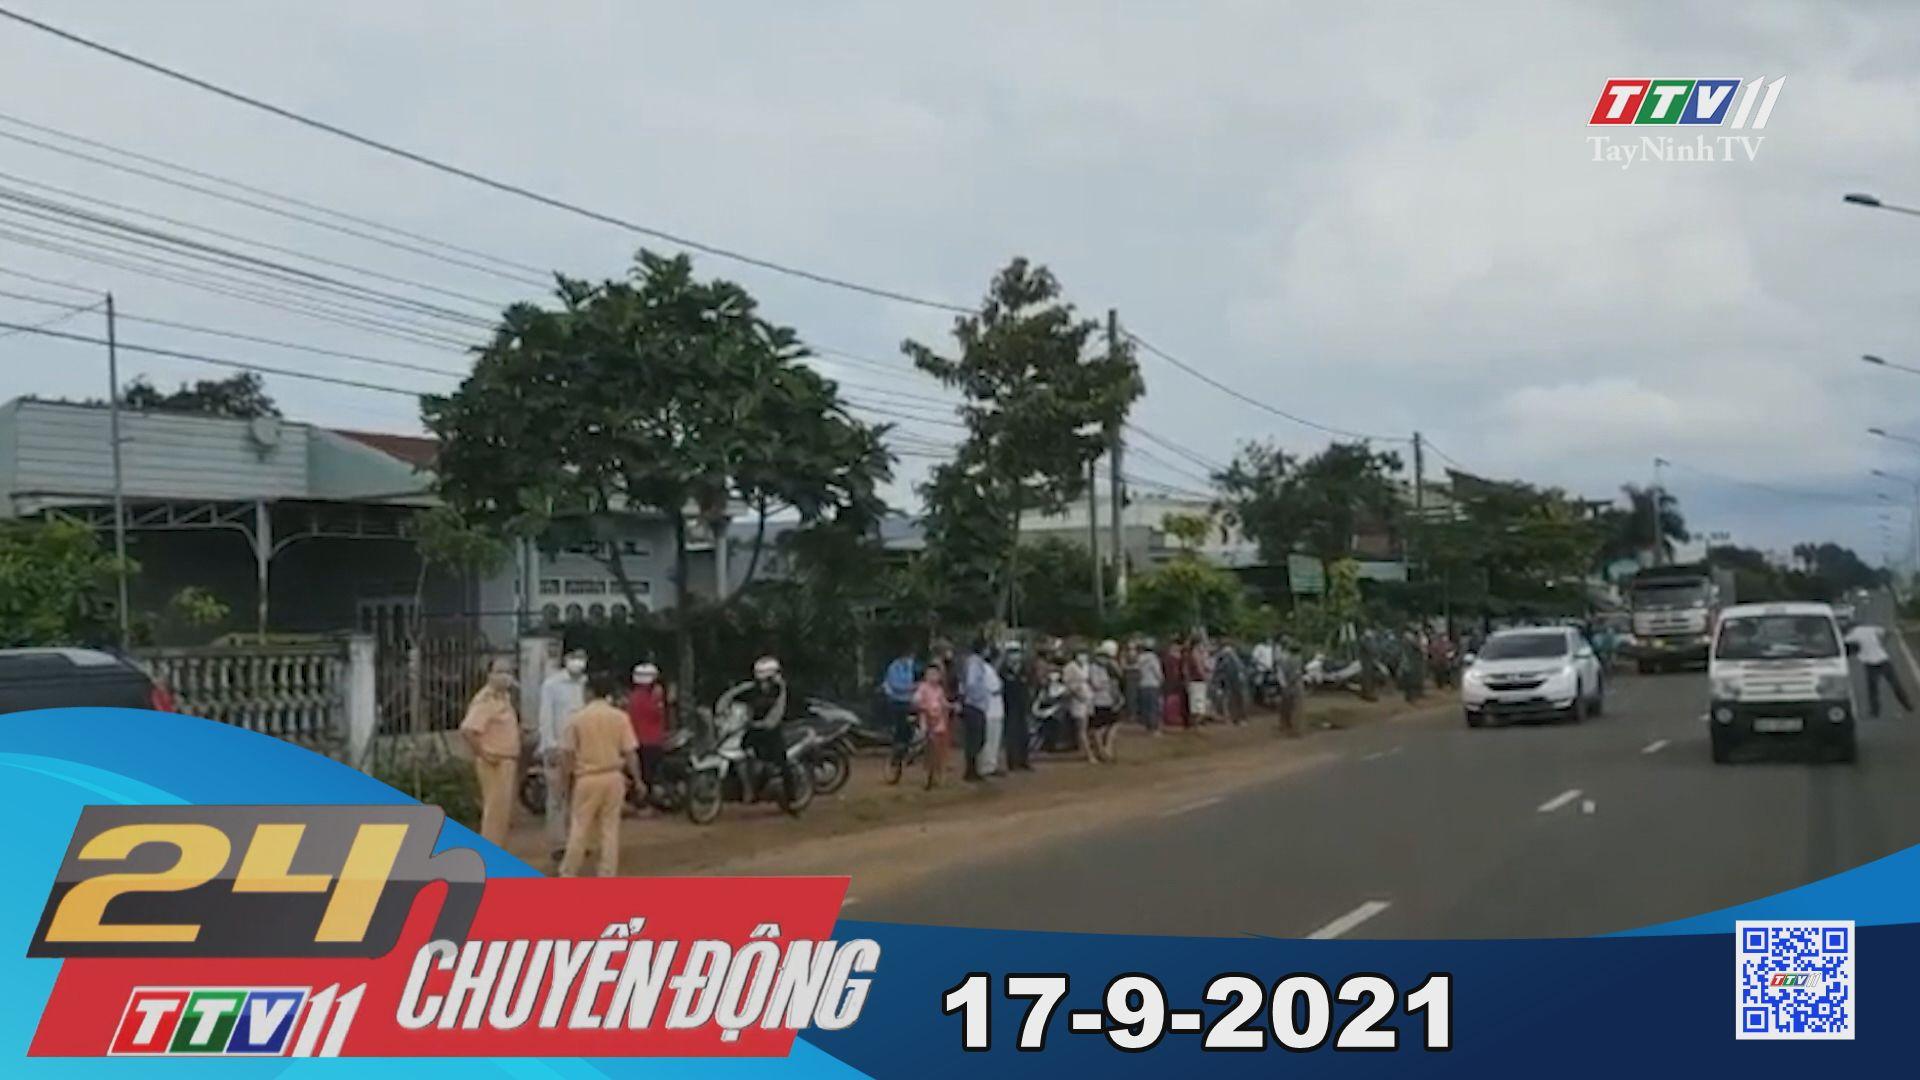 24h Chuyển động 17-9-2021 | Tin tức hôm nay | TayNinhTV